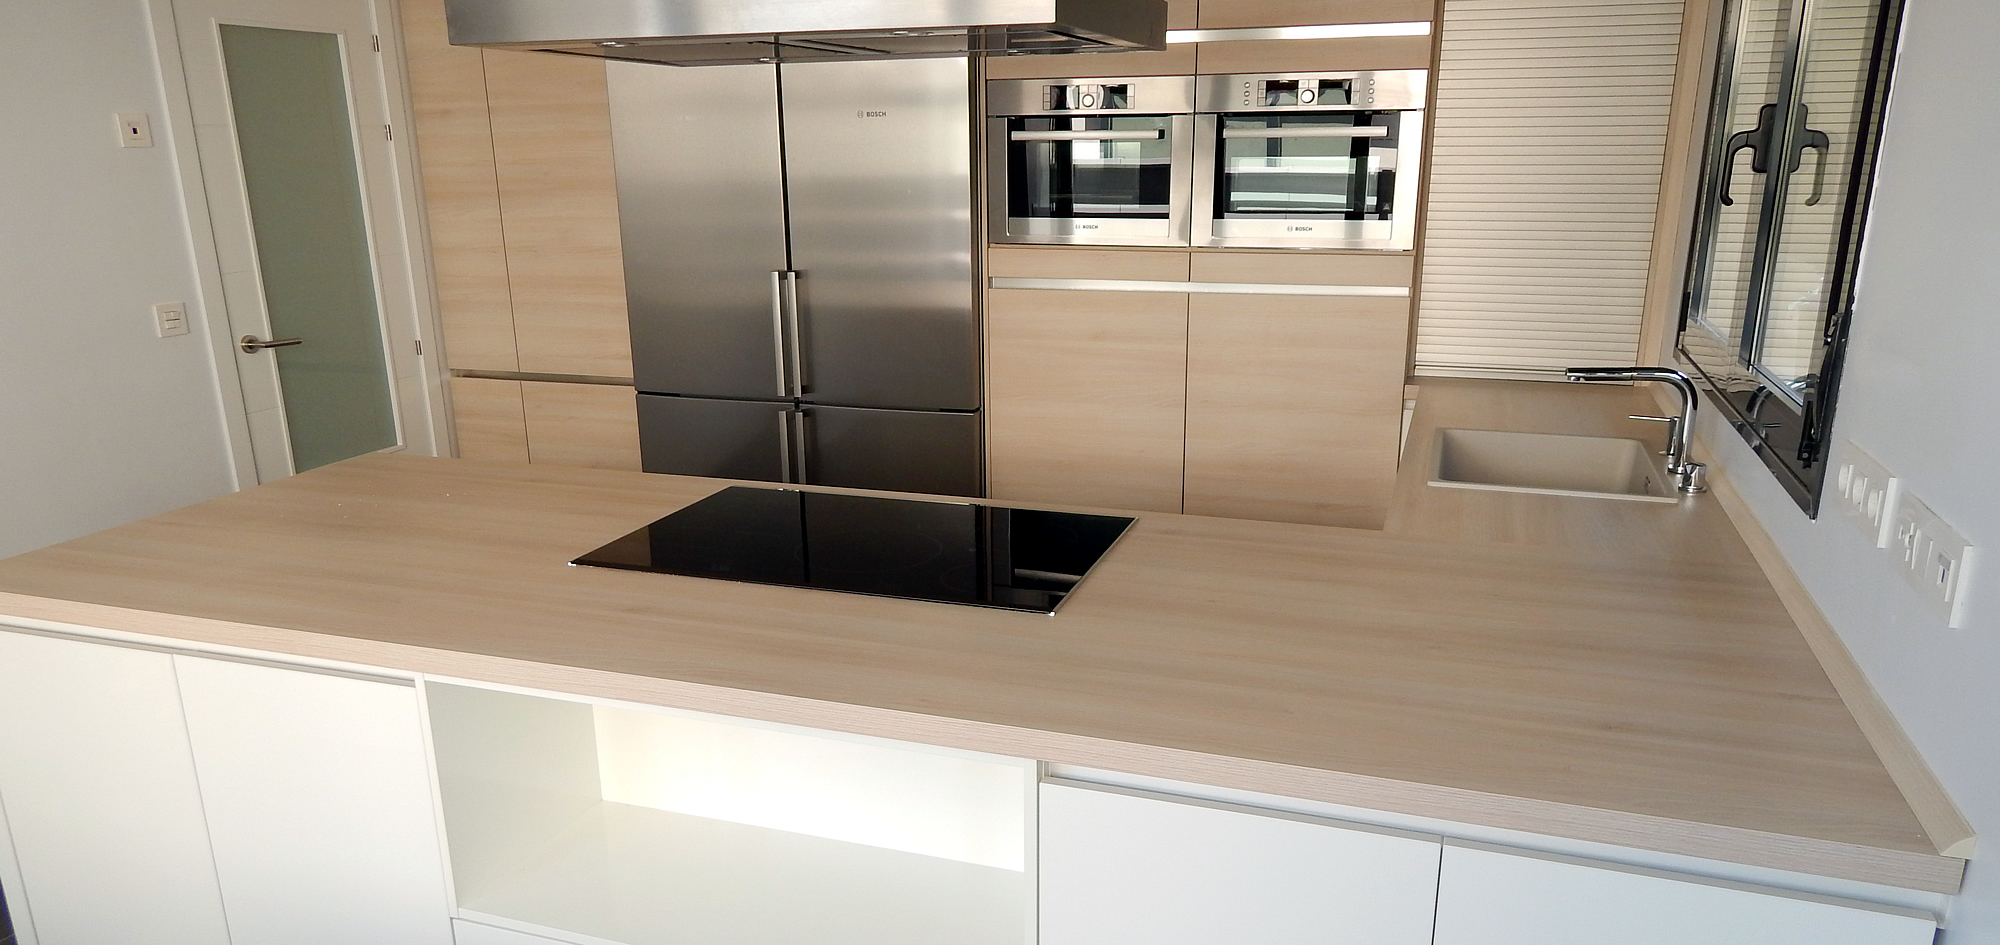 Muebles de cocina blanco alto brillo for Muebles de cocina precios y modelos